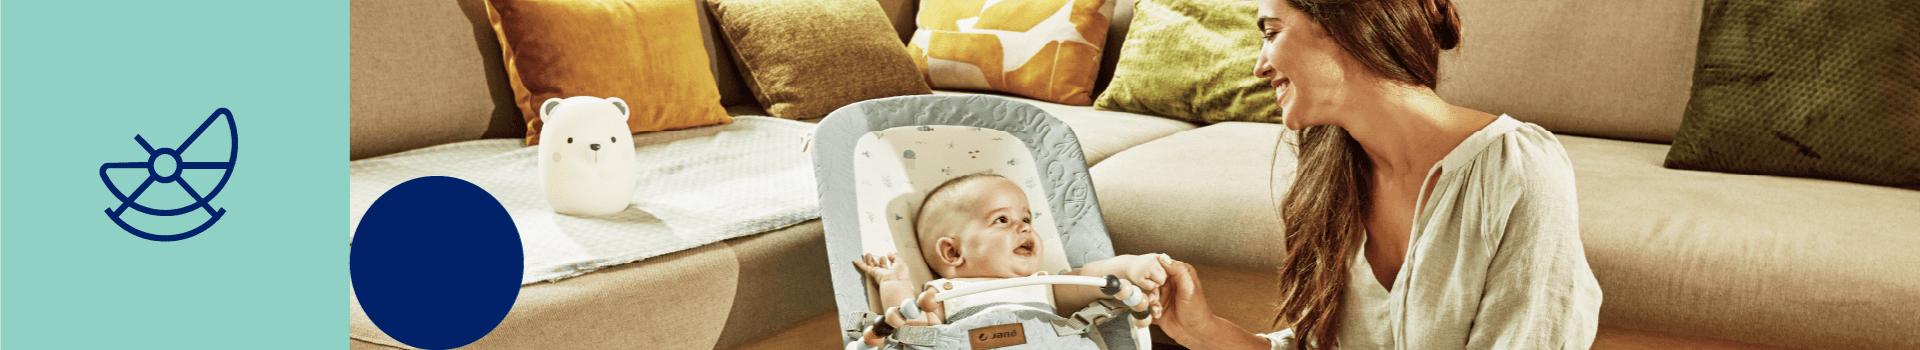 Transats Jané | Les meilleurs balancelles et transats pour bébé | Jané